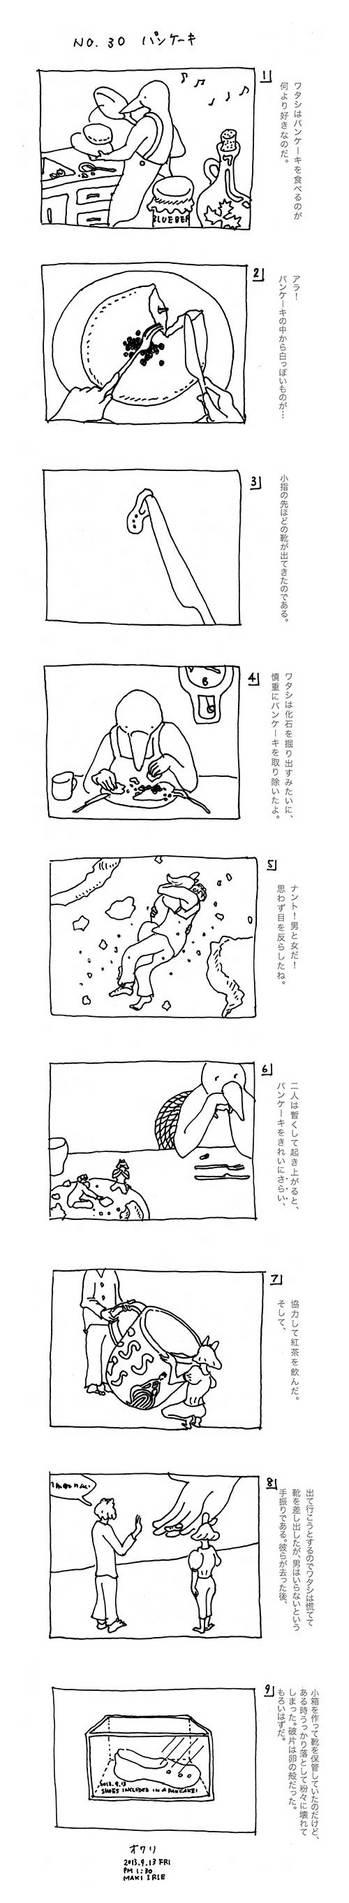 manga_30pancake1903.jpg